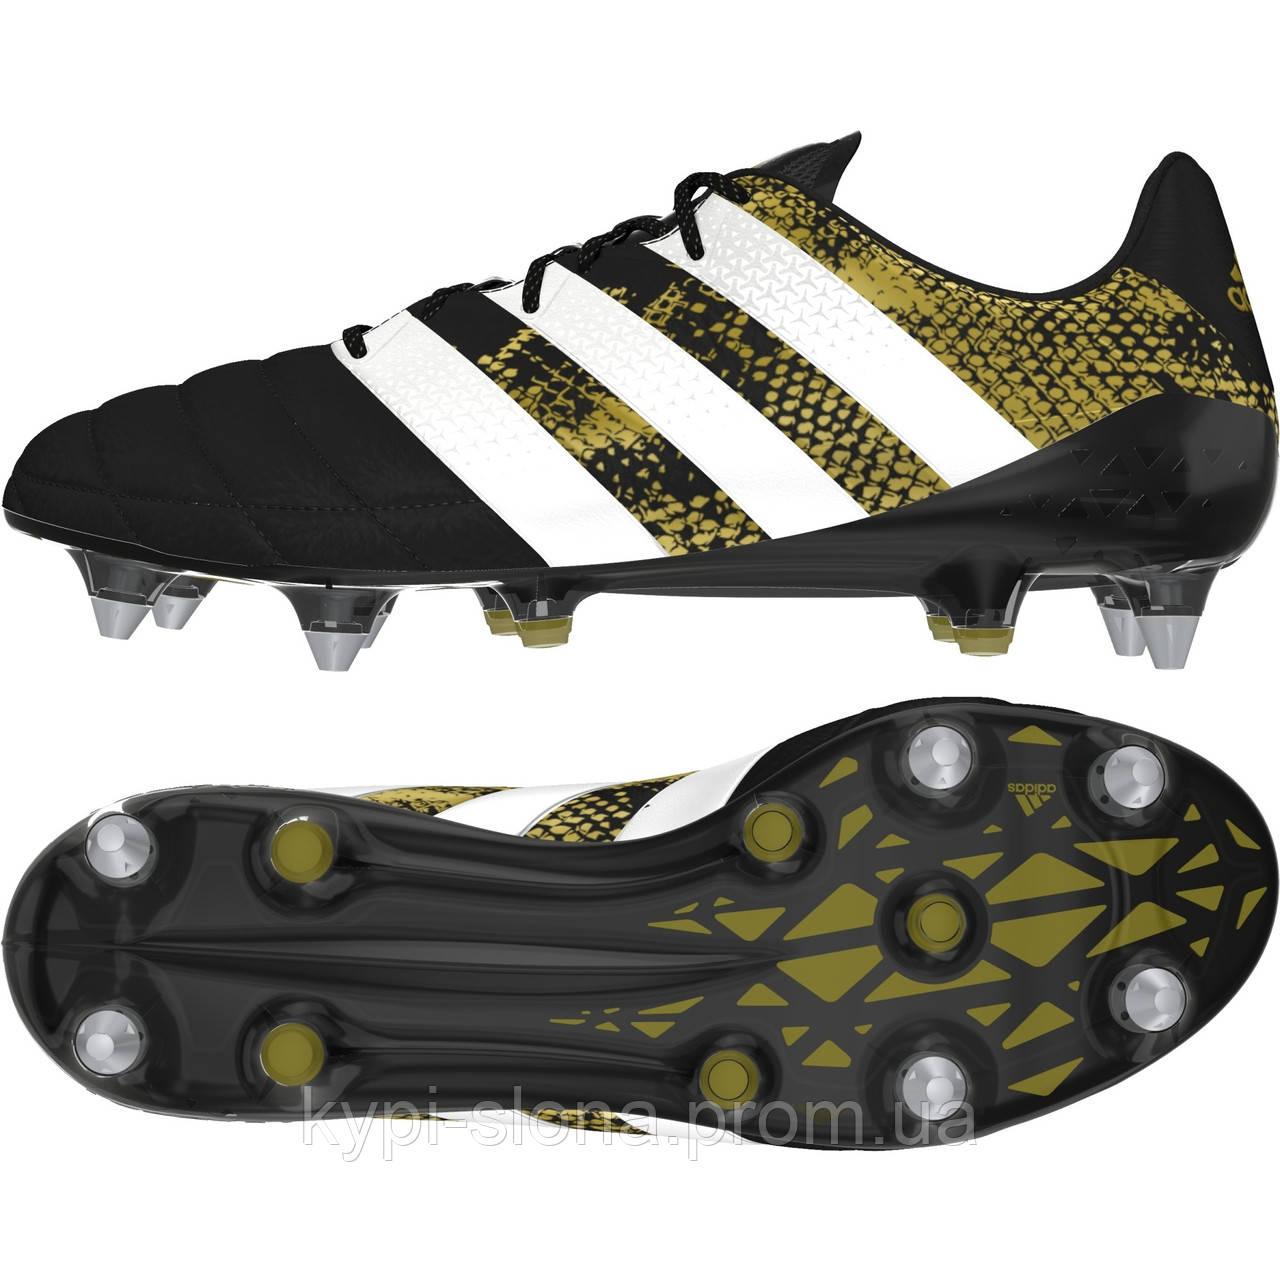 15909dd9 Мужские футбольные бутсы Adidas ACE 16.1 SG. 42.5 р. Уценка. Оригинальные -  Kypislona